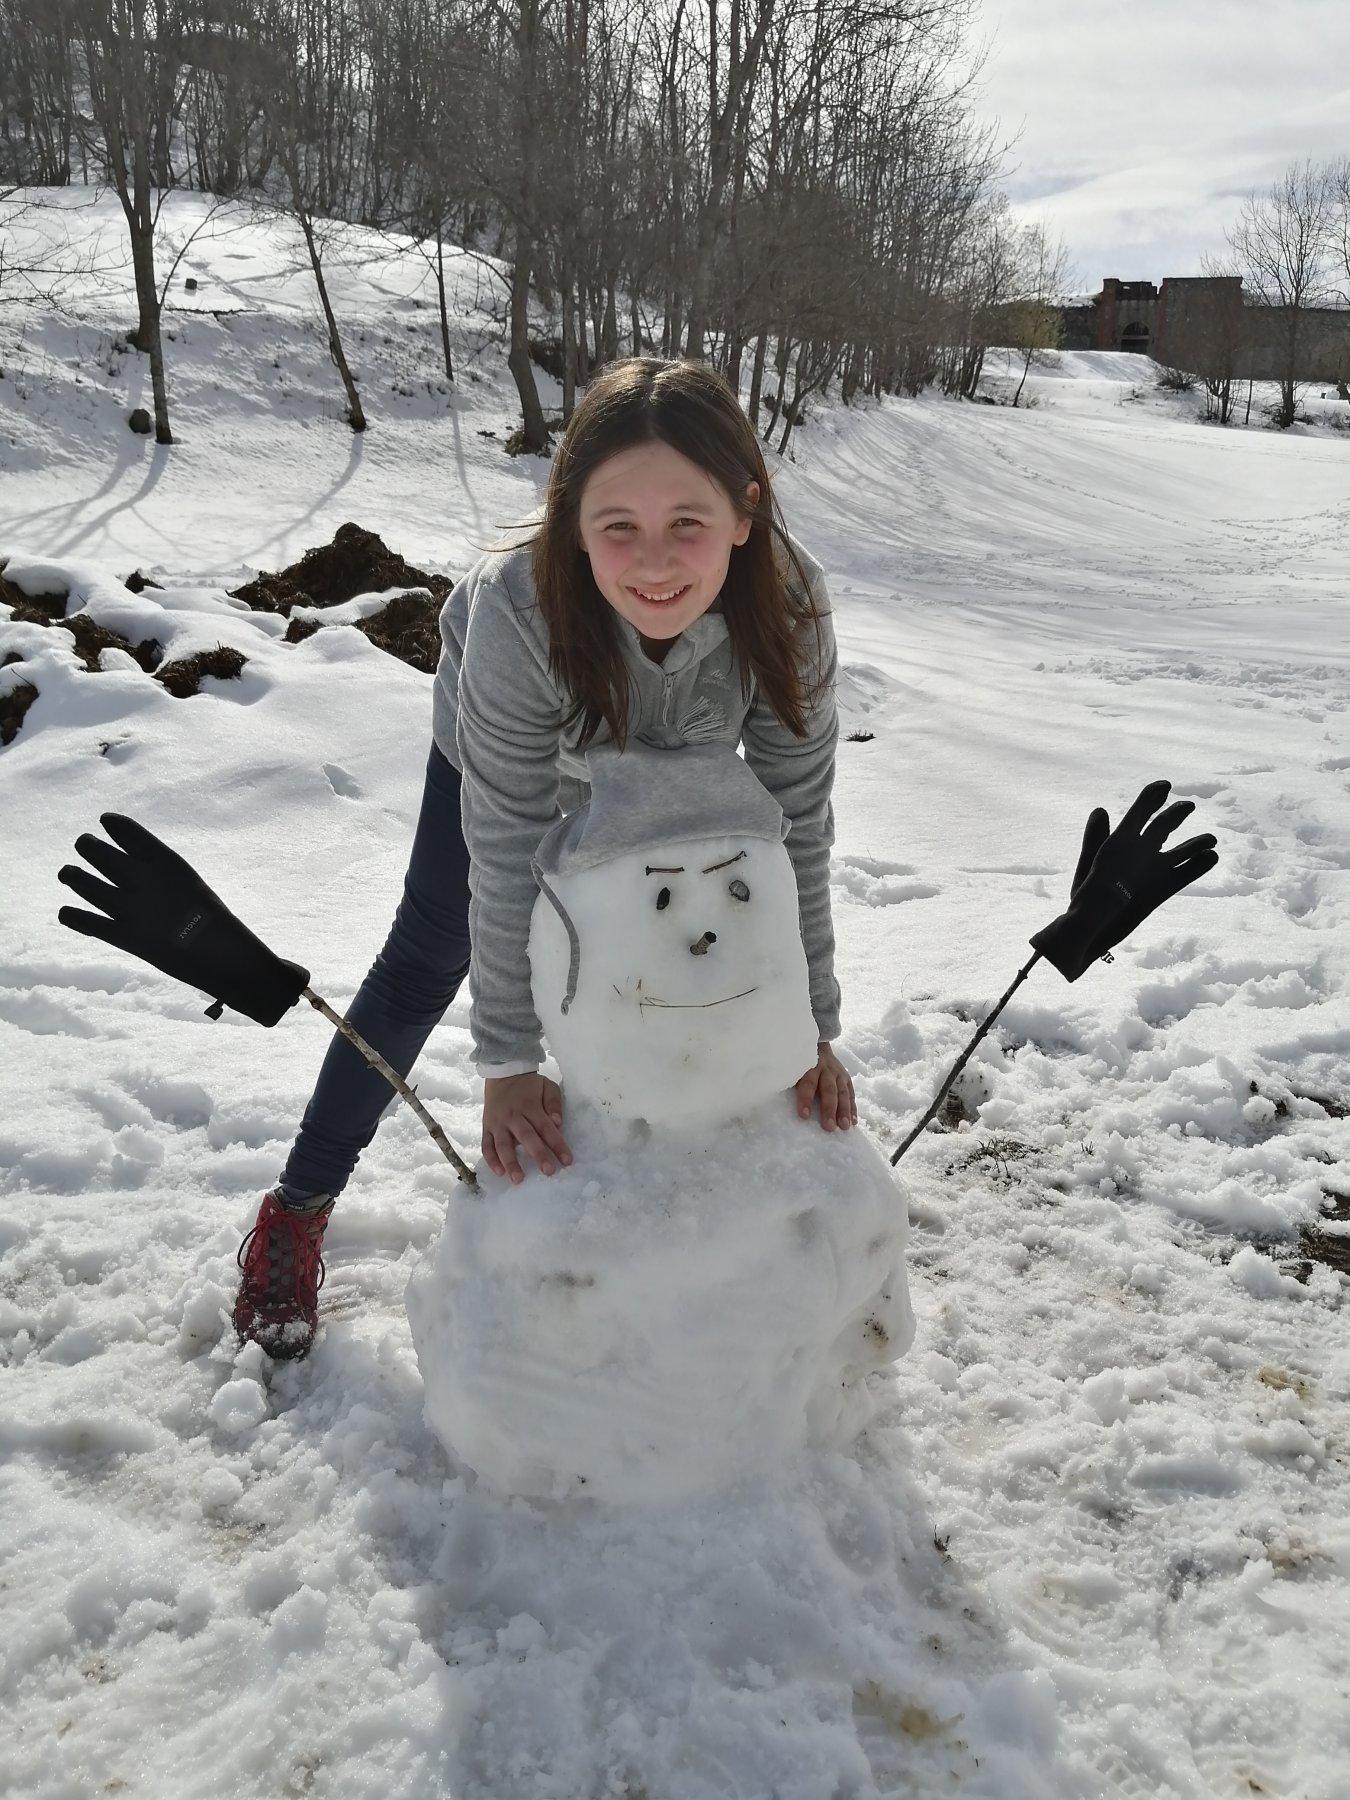 Maga col suo Olaf